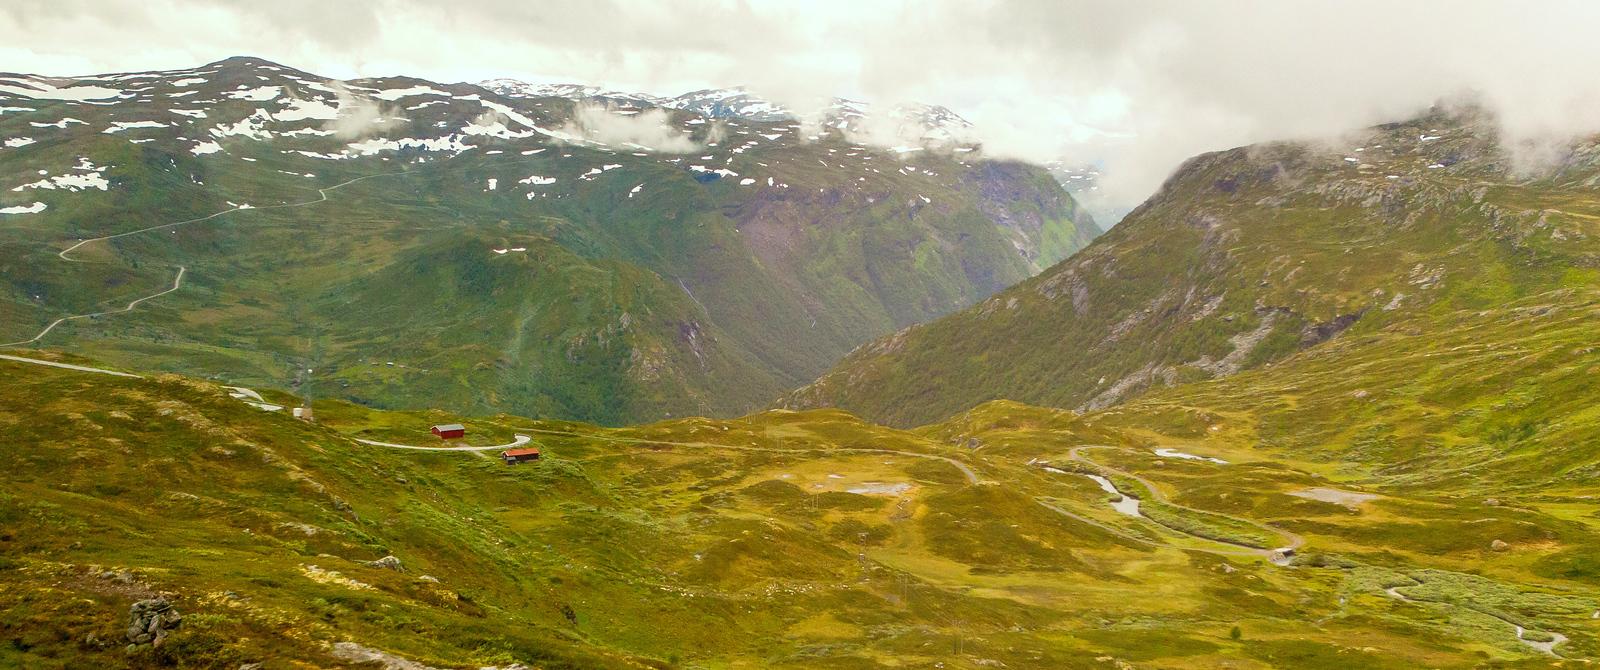 北欧风光,山顶的雪景